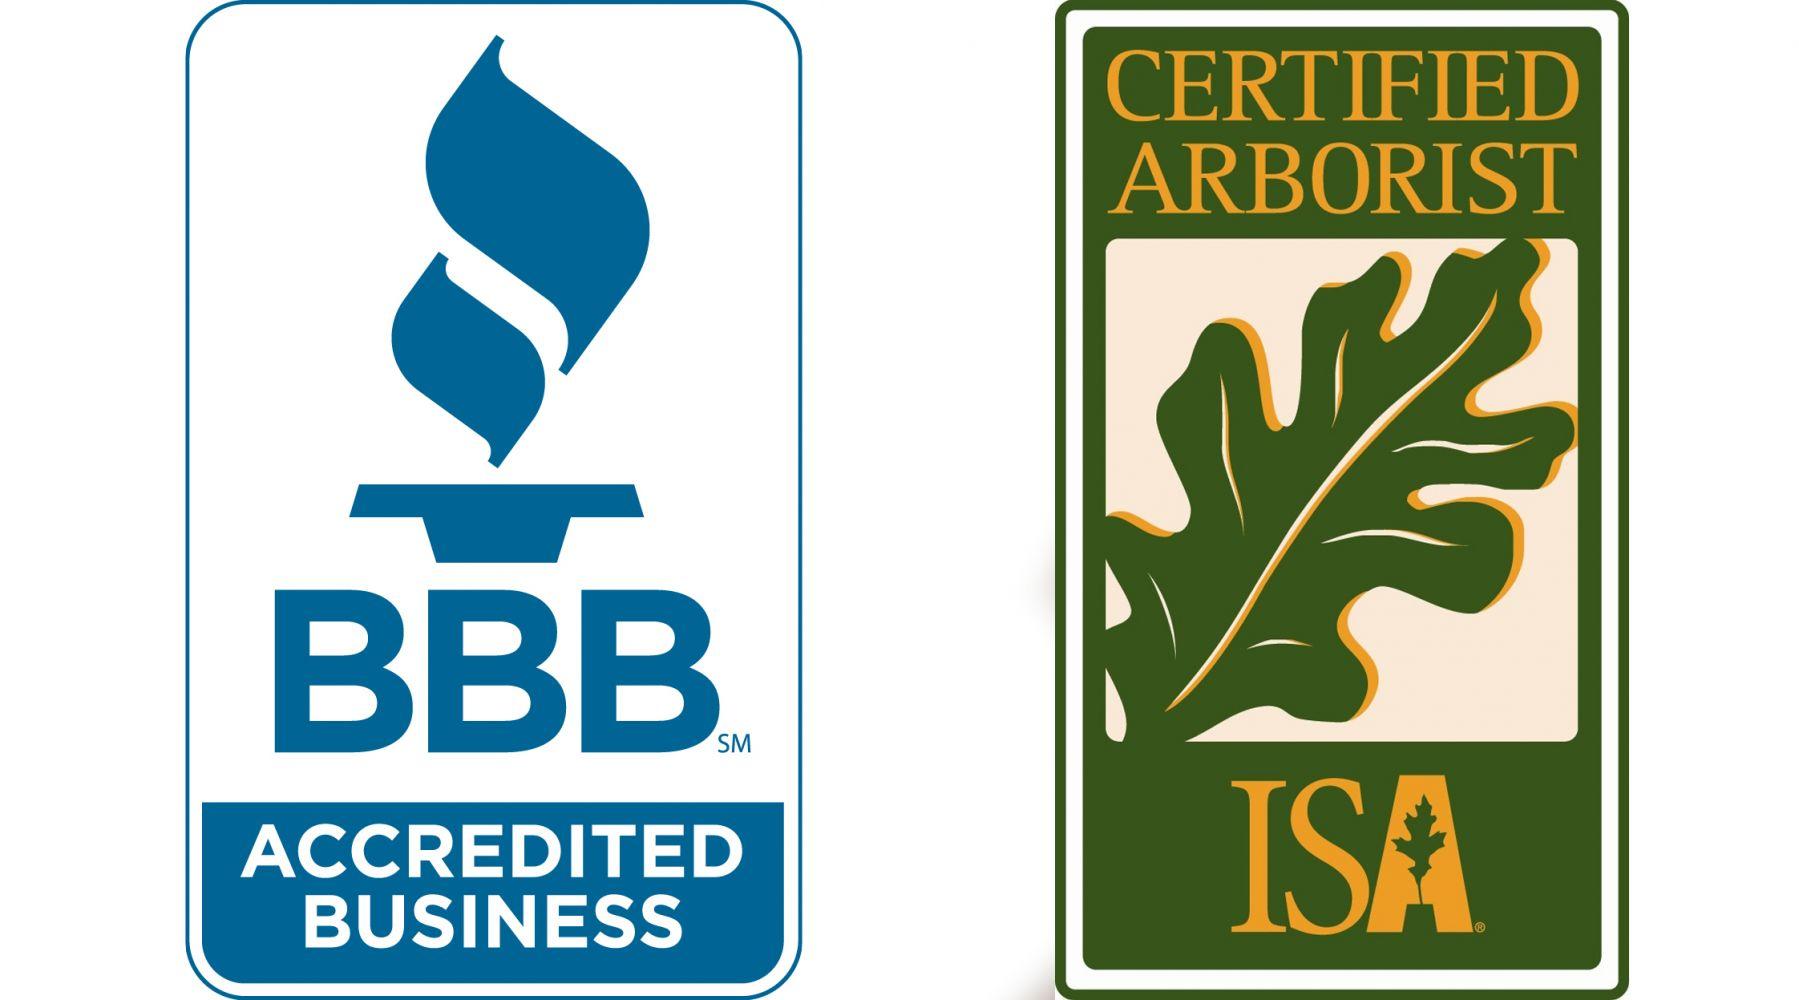 BBB and ISA logos